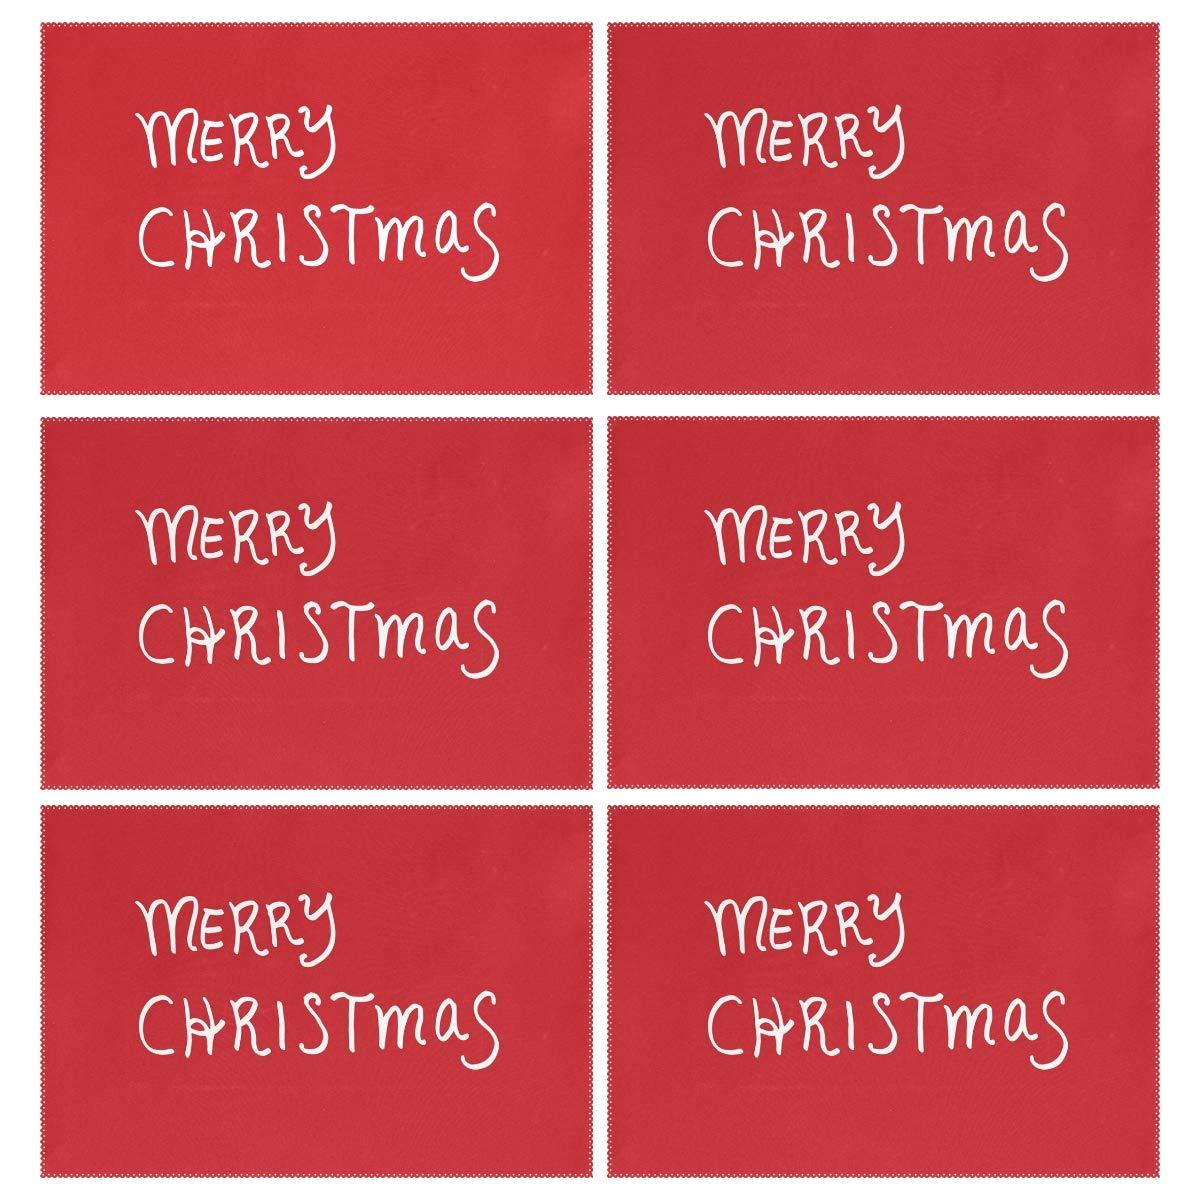 クリスマスサンタブループレースマット 6枚セット 断熱プレースマット 子供 大人 キッチン ダイニングテーブル 装飾 長方形 12 x 18 inches  カラー-2 B07JLYPD33